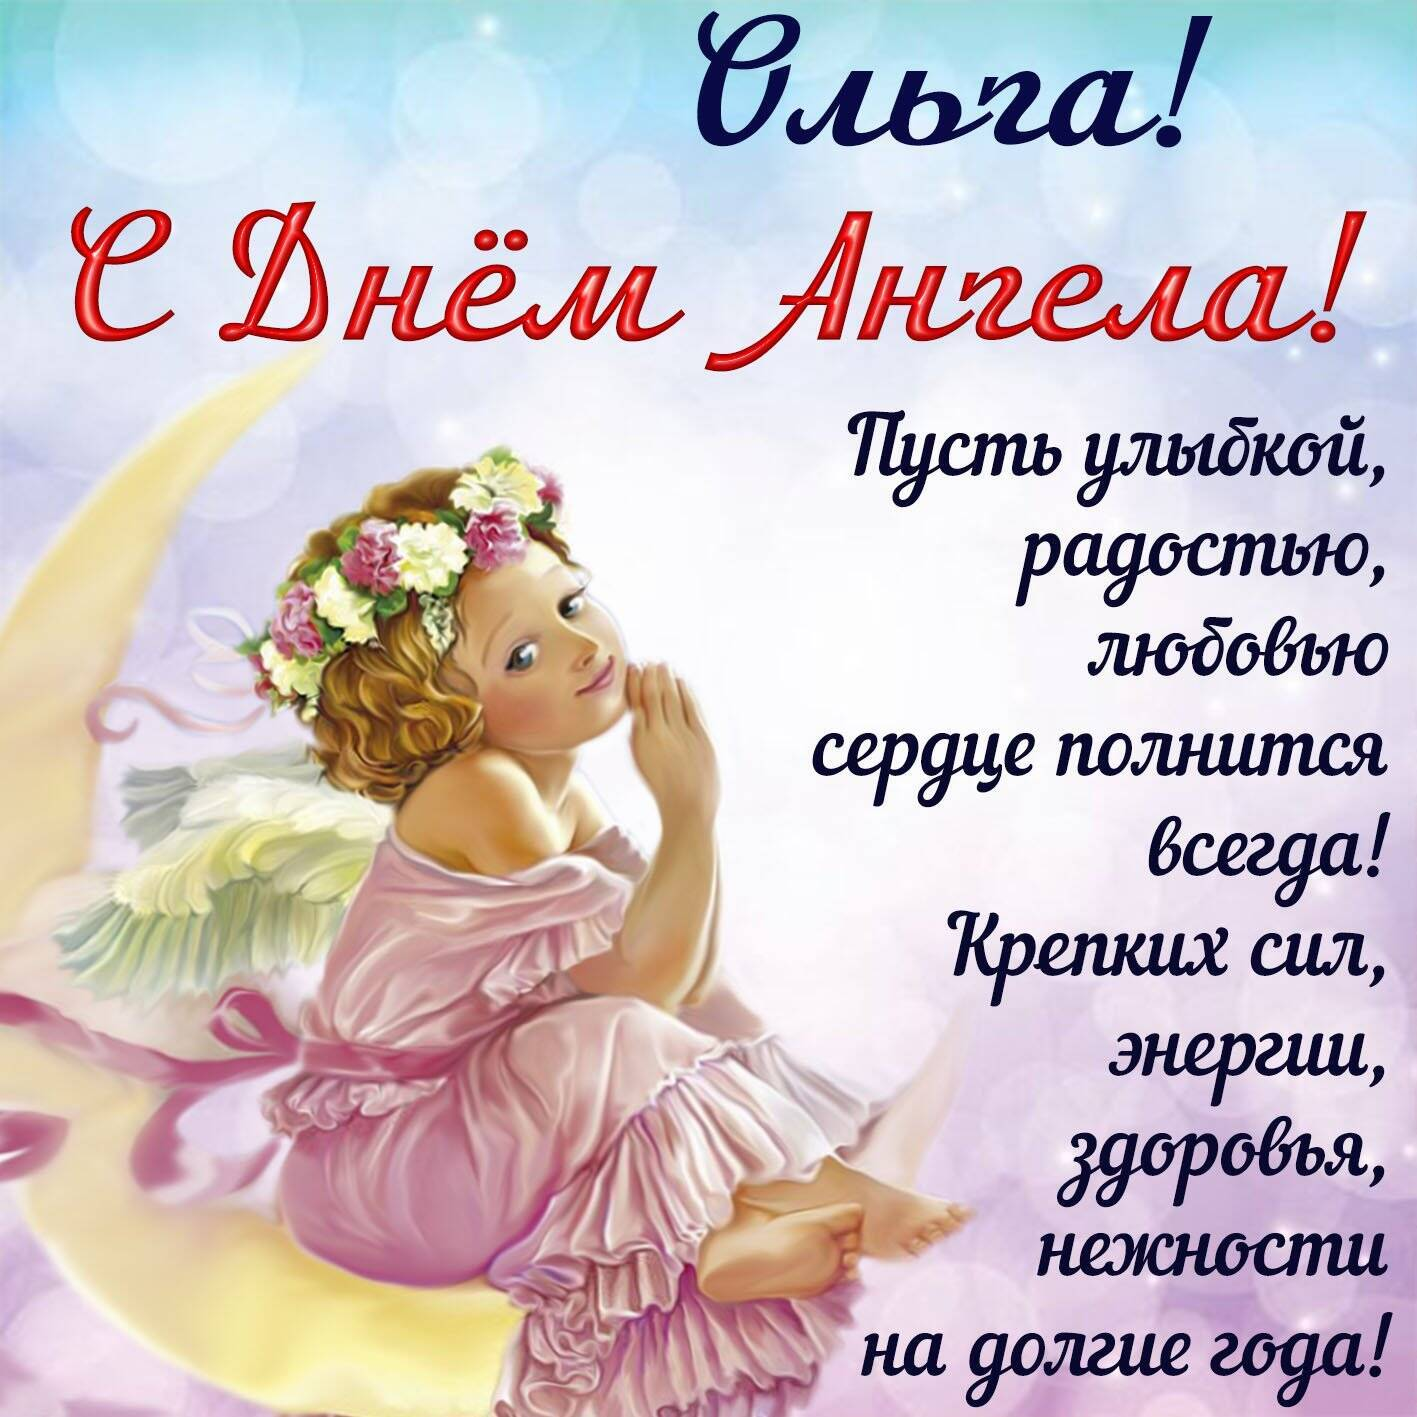 Пожелания в День ангела Ольги